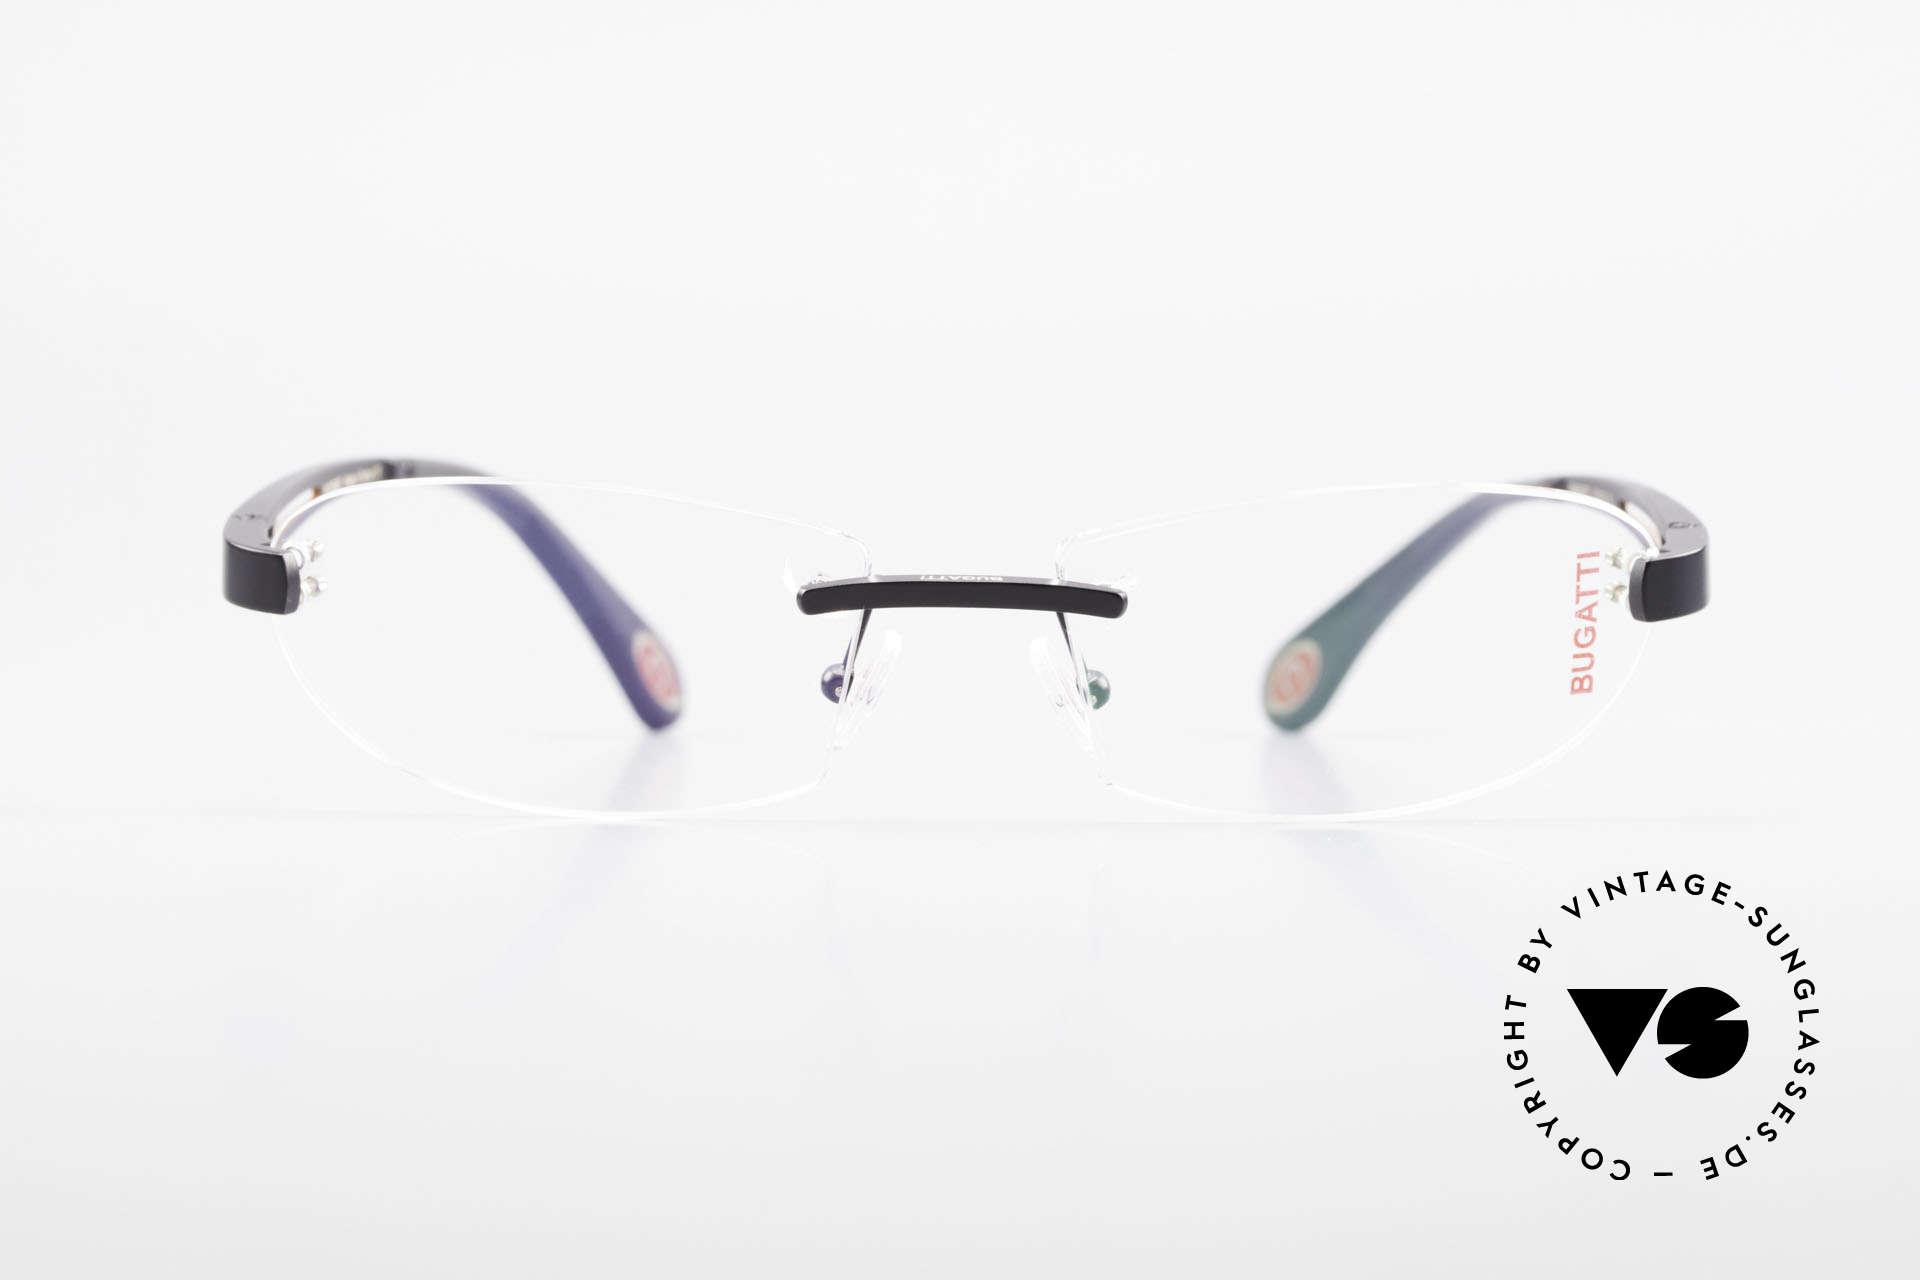 Bugatti 516 Randlose Luxusbrille Herren, randlose, sportliche Form ... männlich, markant, Passend für Herren